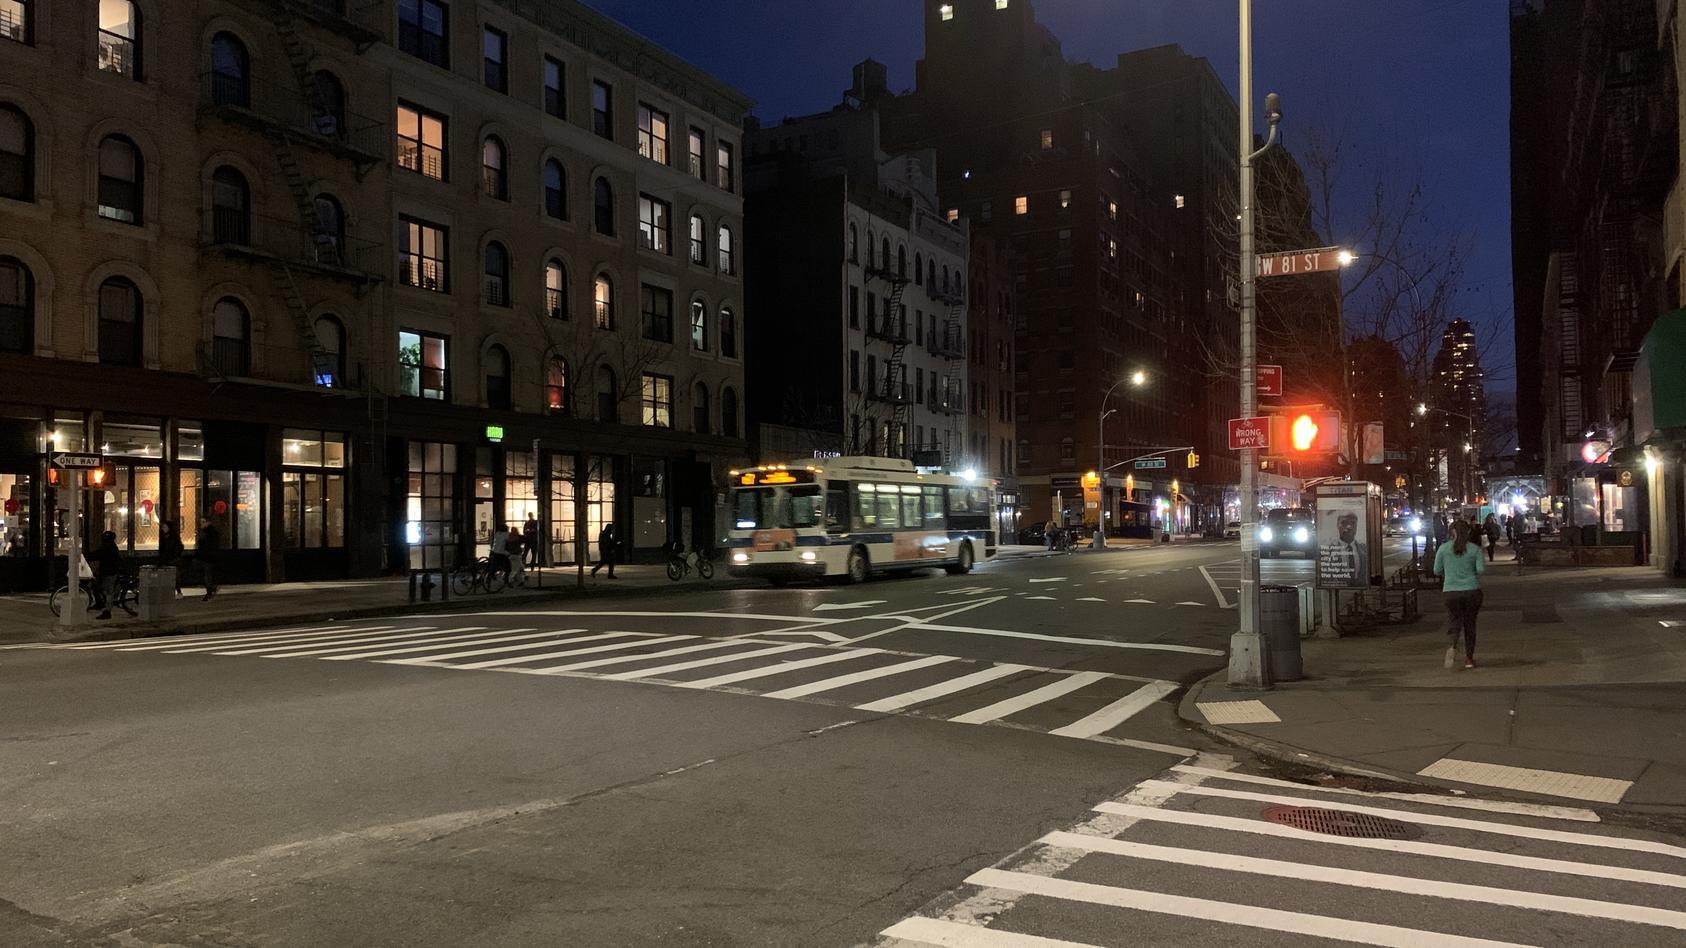 New York City am Abend: Die Stadt, die niemals schläft, schlummert